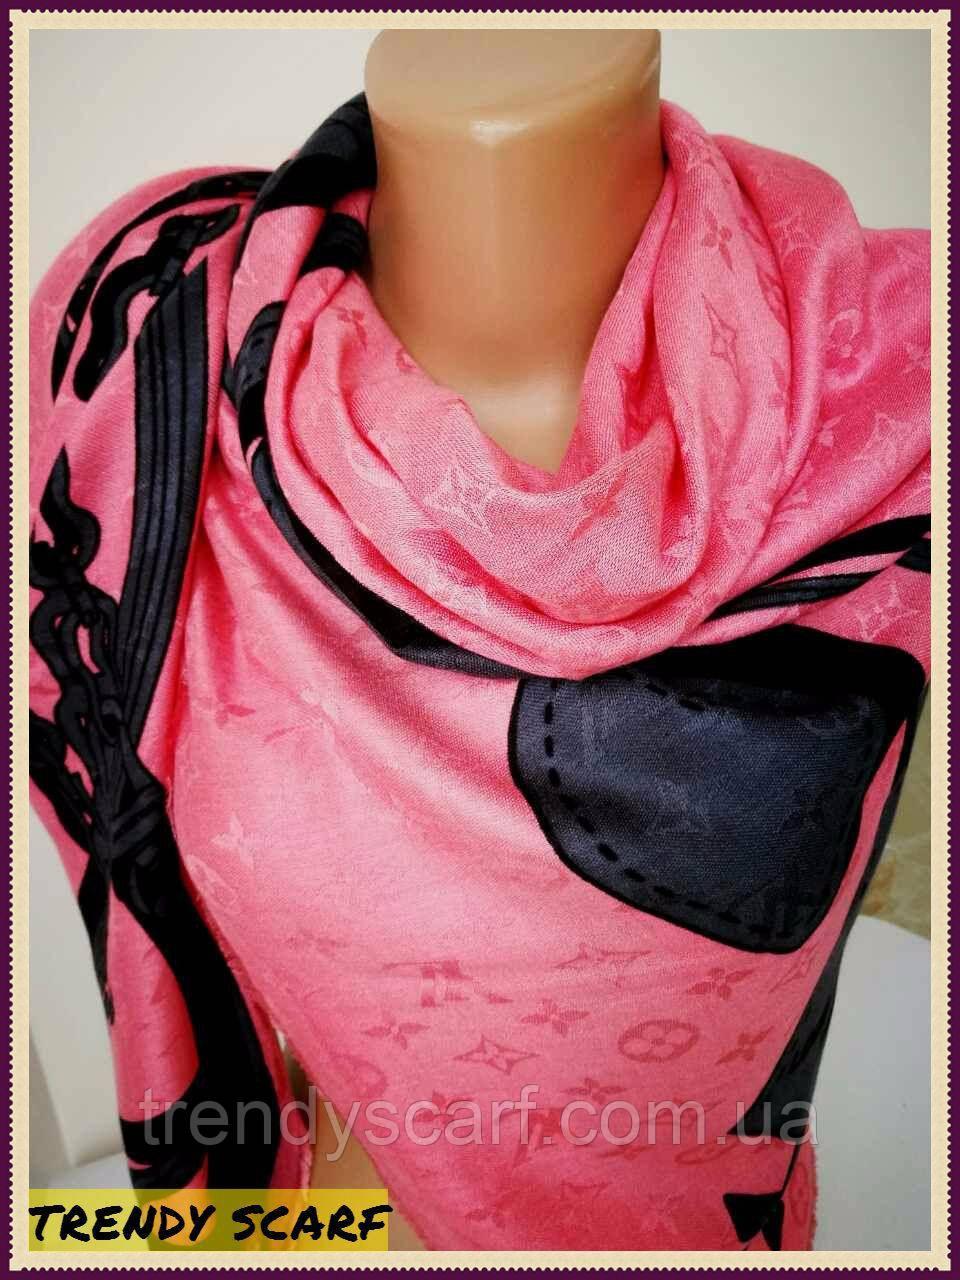 Женский Платок Louis Vuitton Луи Виттон розово-черный цветной monogram реплика шерсть шелк 40/150